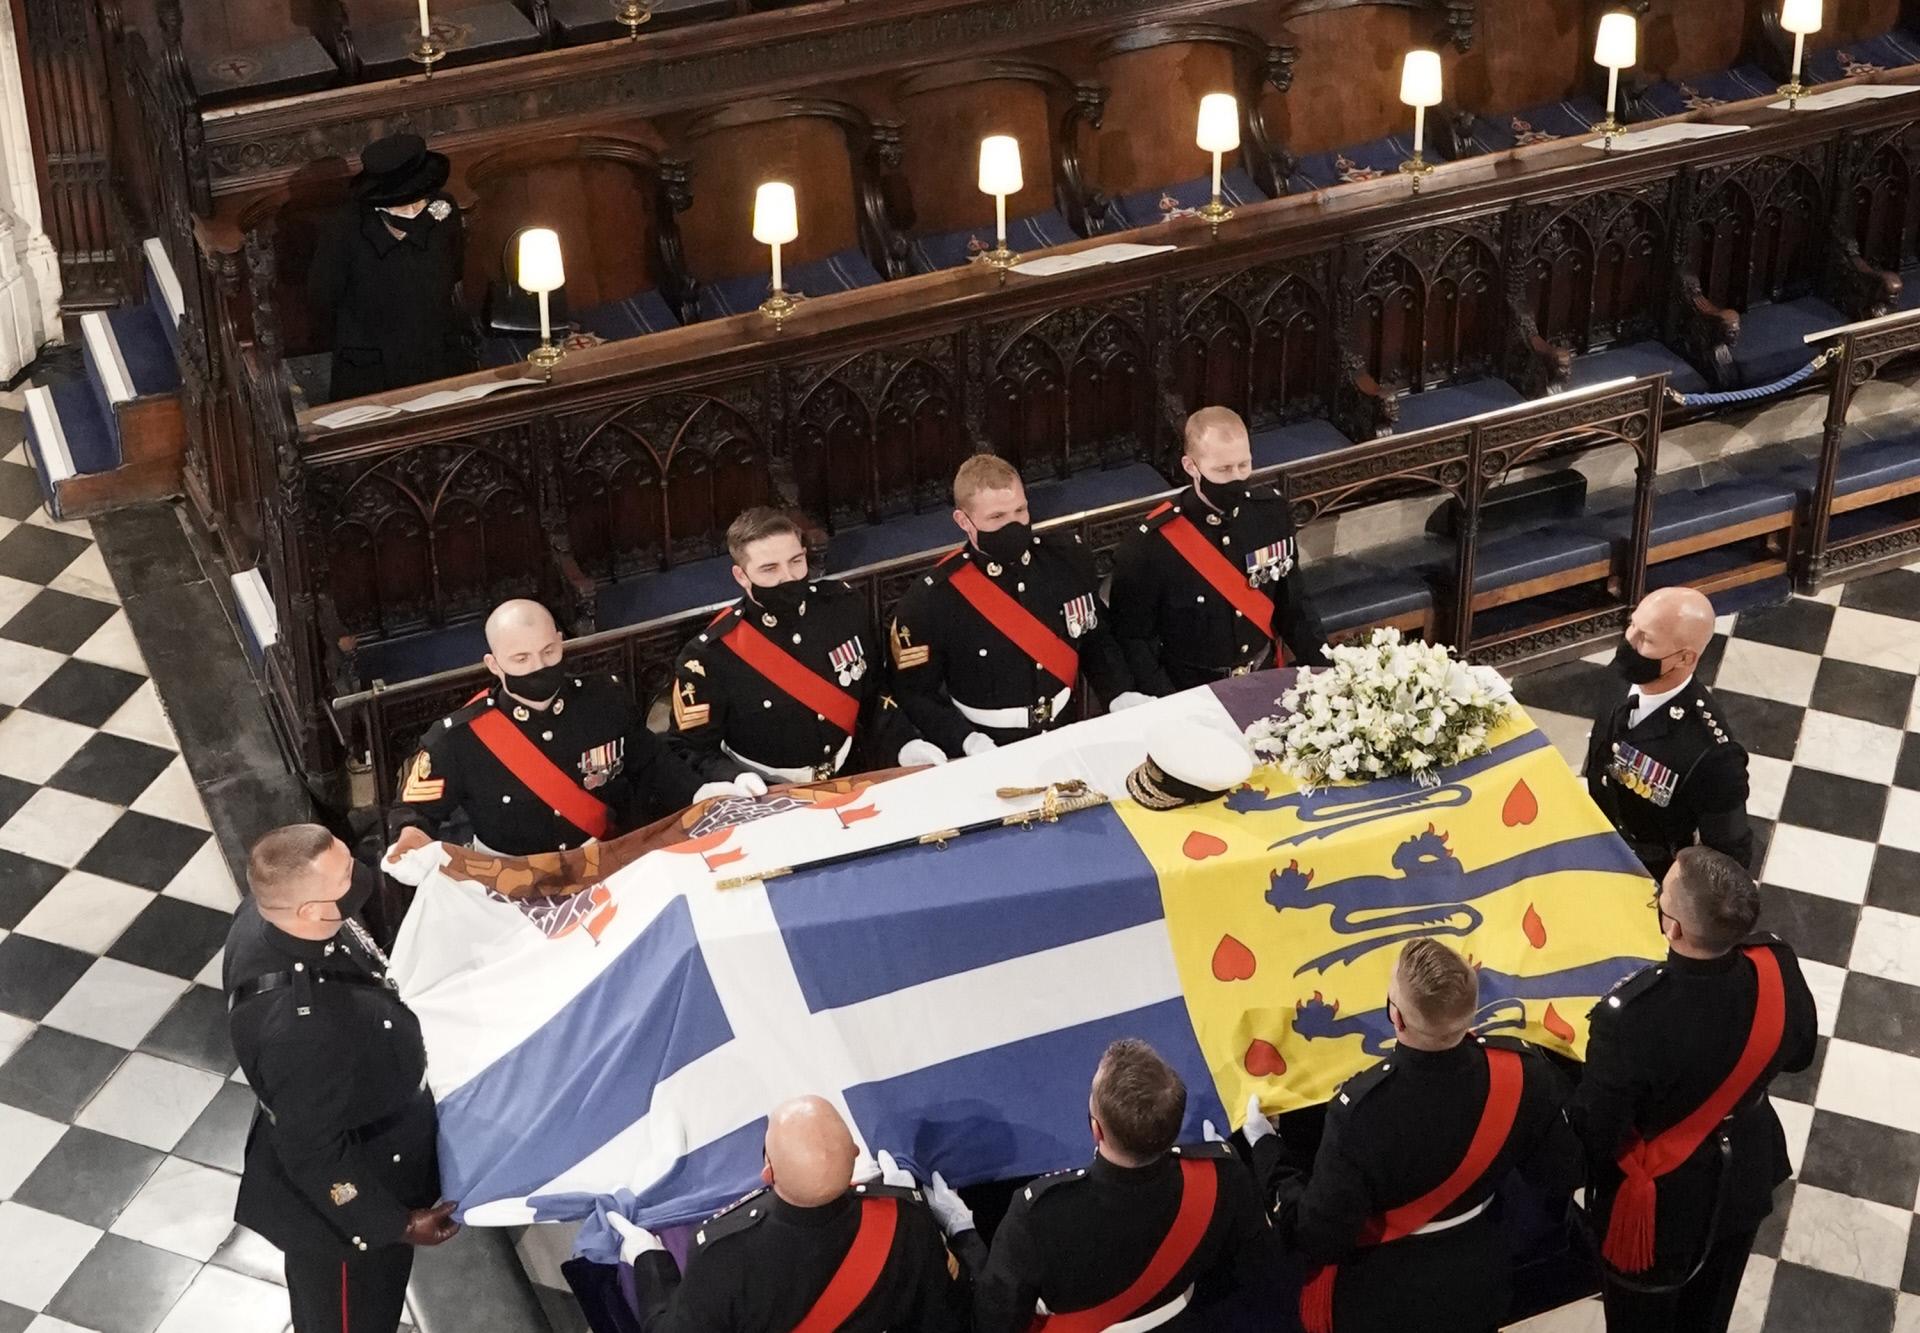 El ataúd del duque de Edimburgo en el interior de la Capilla de San Jorge y ante la reina Isabel.